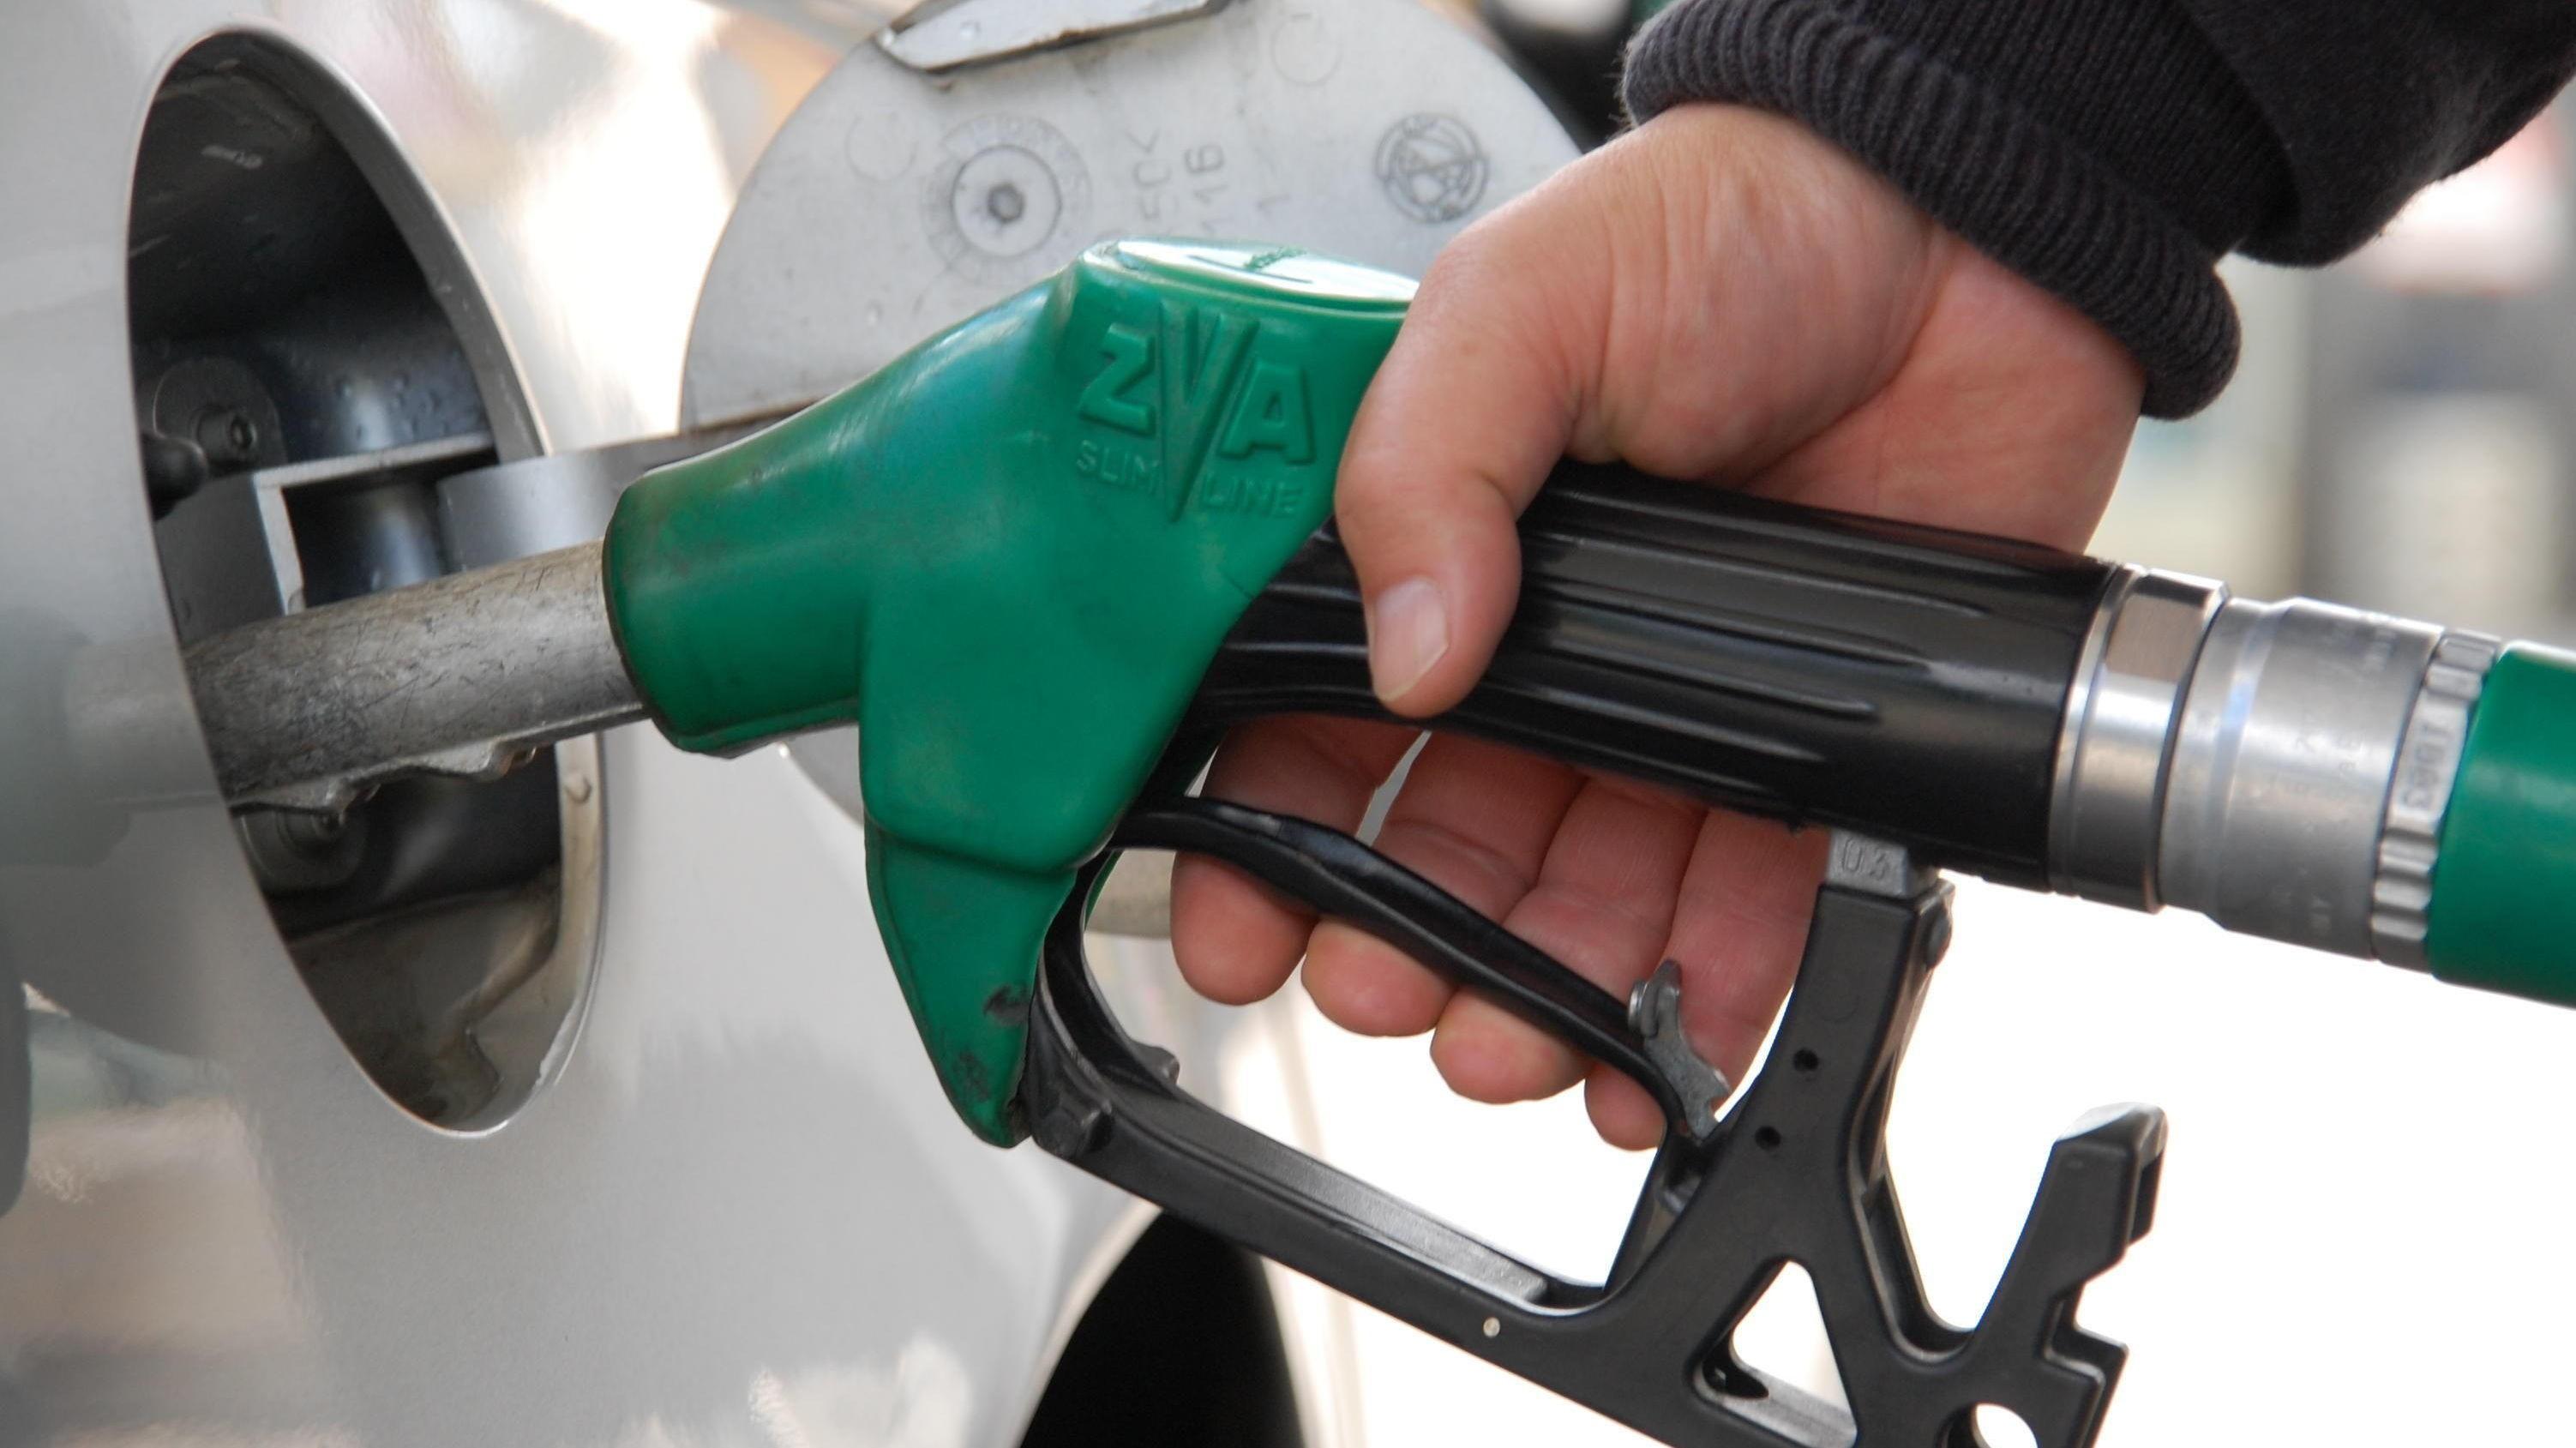 - MÅ STOPPE: Det brukes mye palmeolje i biodrivstoffet som selges hos flere bensinstasjonkjeder i Norge. Nå tar NAF til orde for at dette må stoppe.